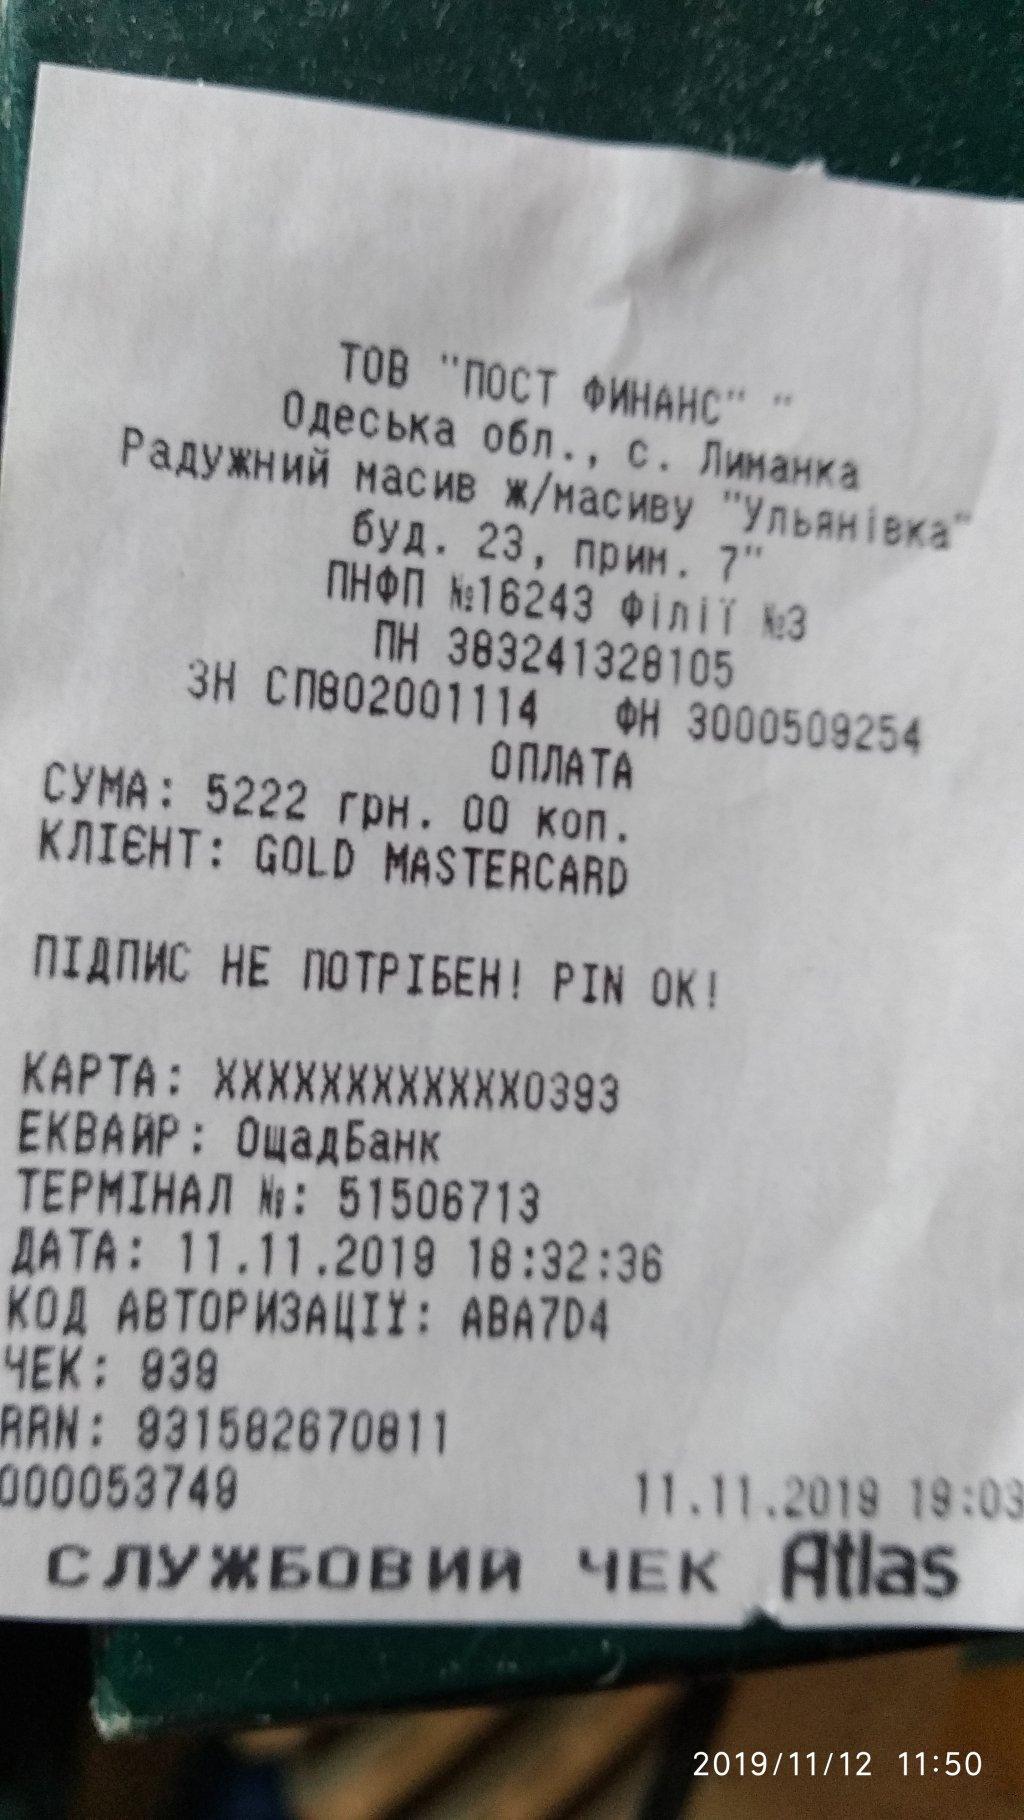 Посылка мною оплачена, но не получена - В отделении 101 в Одессе посылка мною оплачена, но не выдана работниками отделения